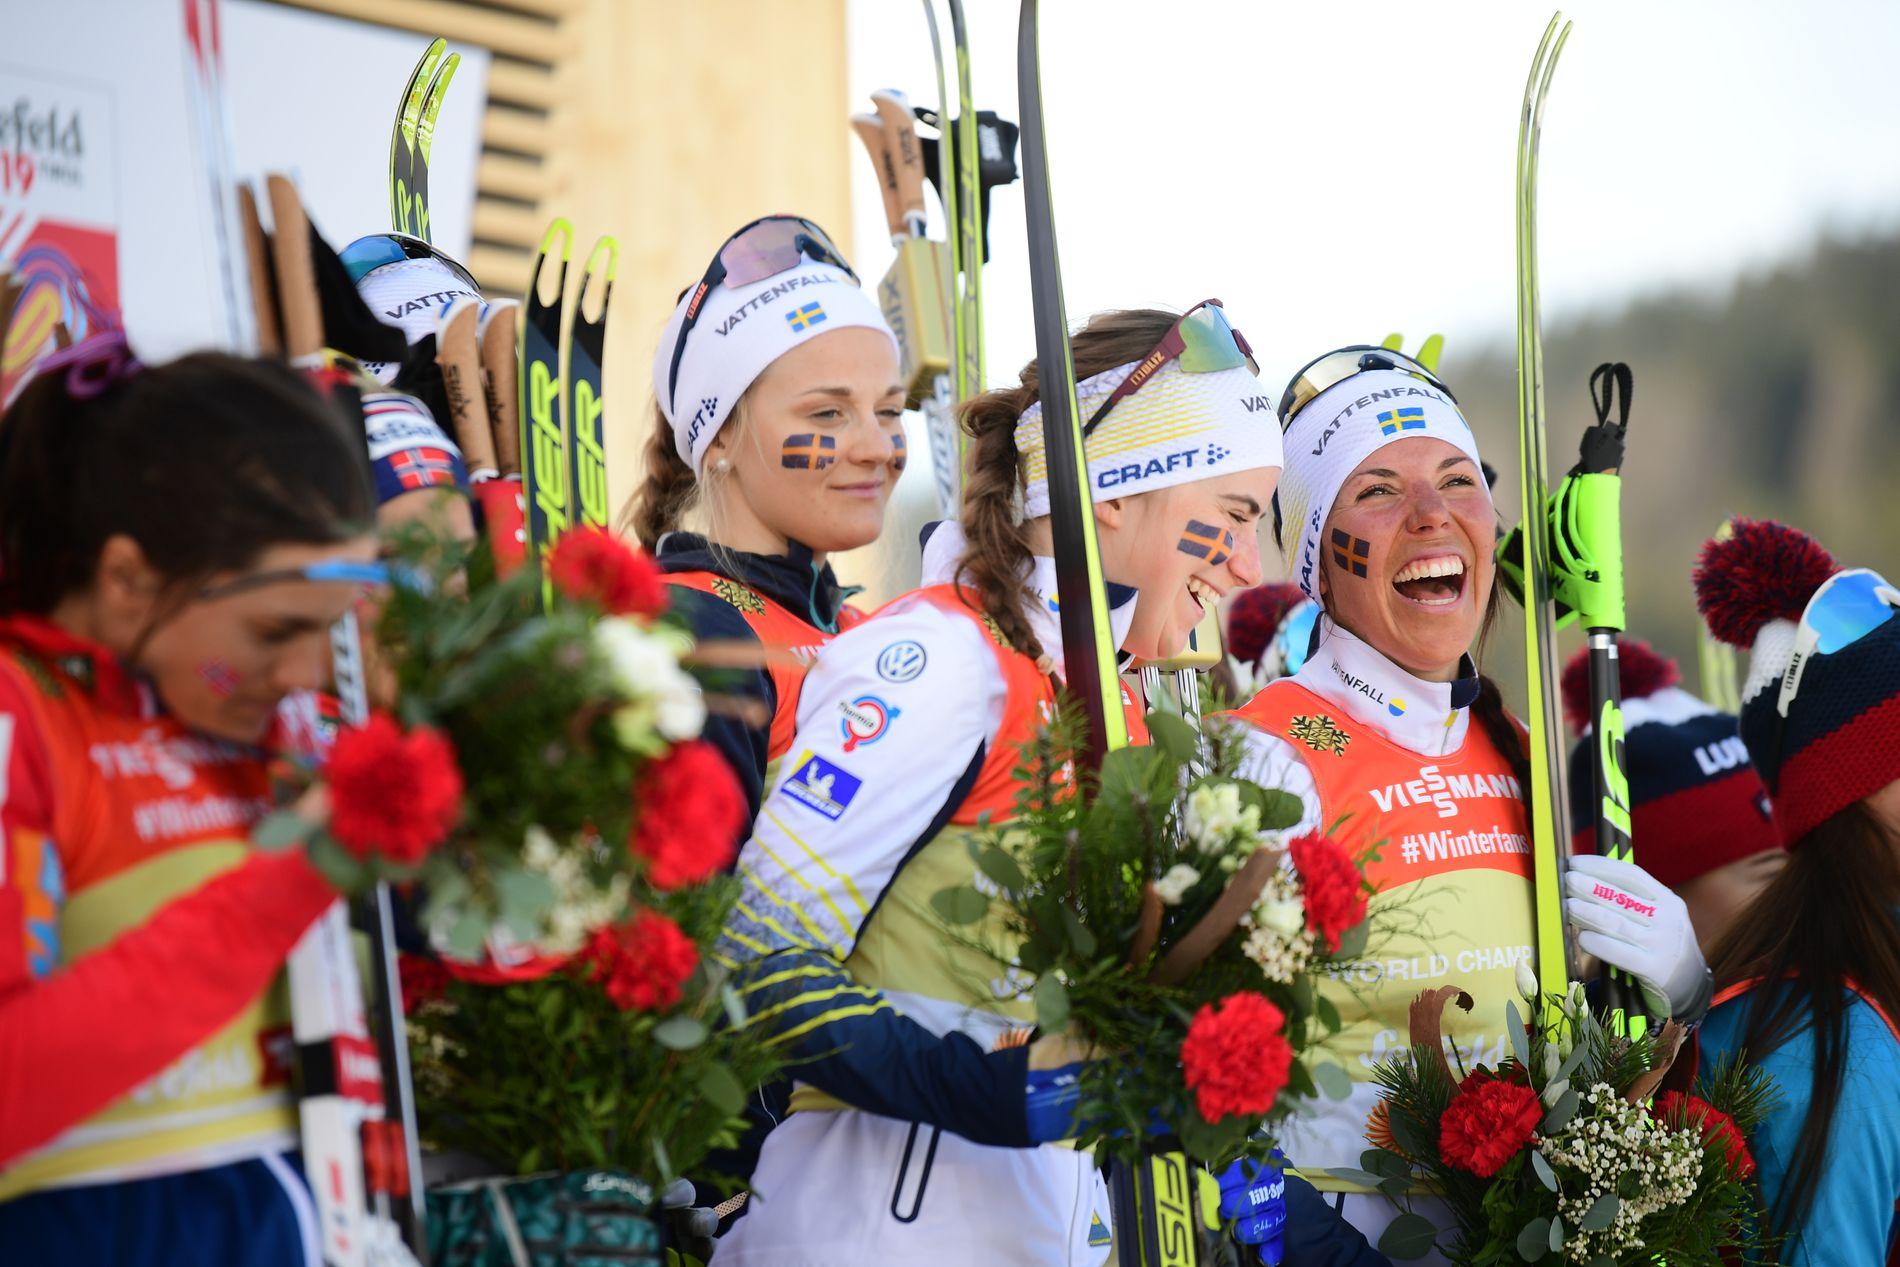 For en deilig dag det ble for de svenske kvinnene torsdag. Snittalderen på laget er 24 år, svensk damelangrenn har virkelig noe på gang.